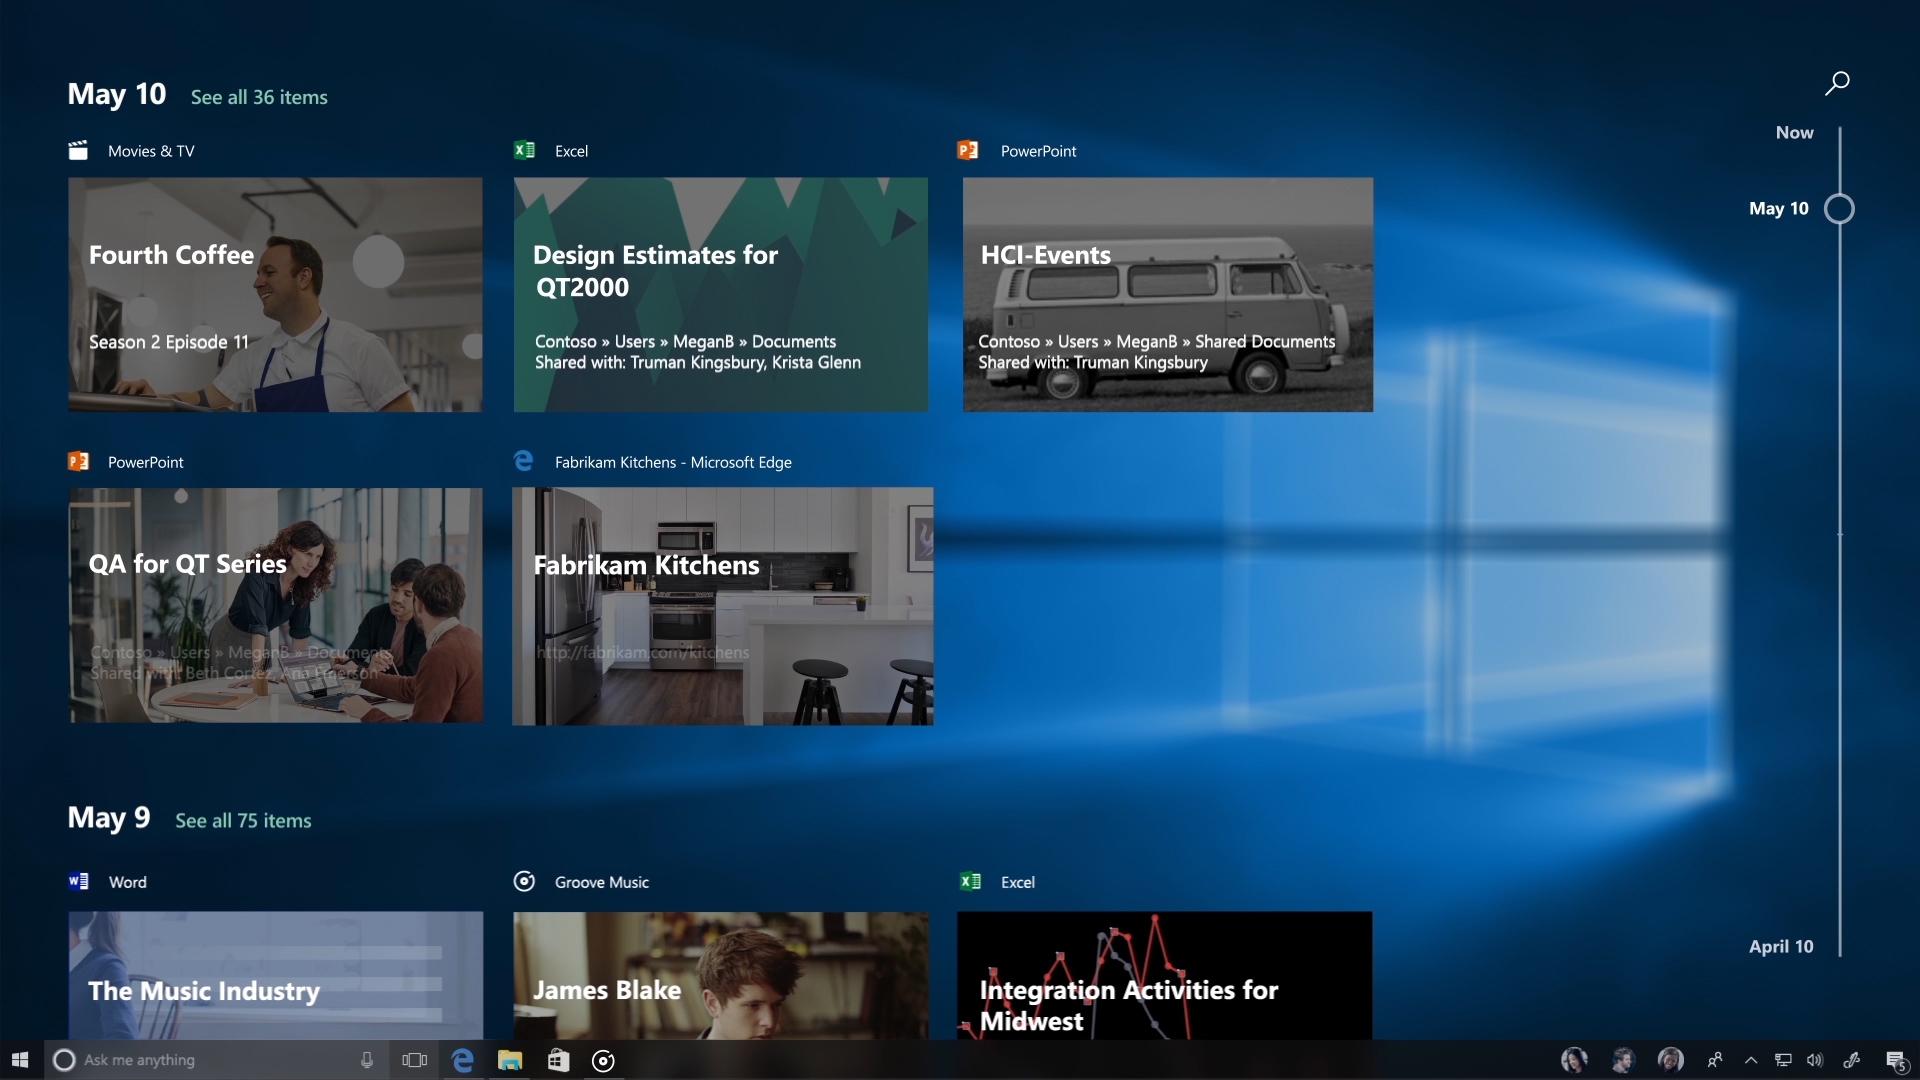 Windows 10 Timeline recuerda todo lo que hiciste con tu PC